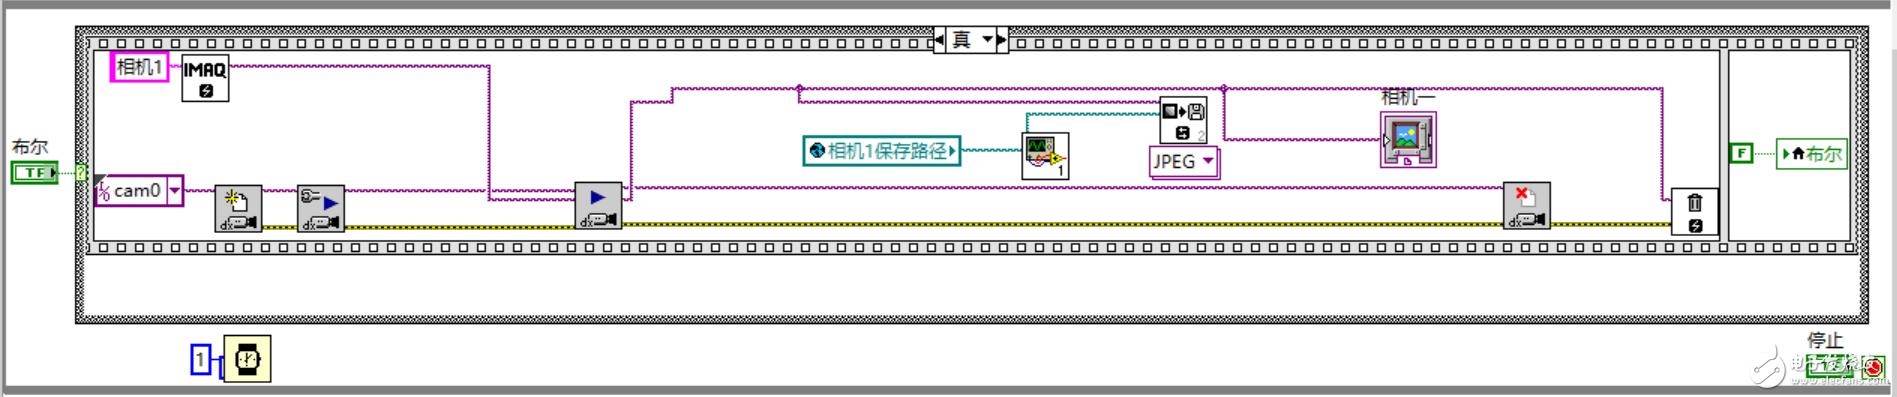 Labview里面的image控件鼠標停留出現橫線,求解惑